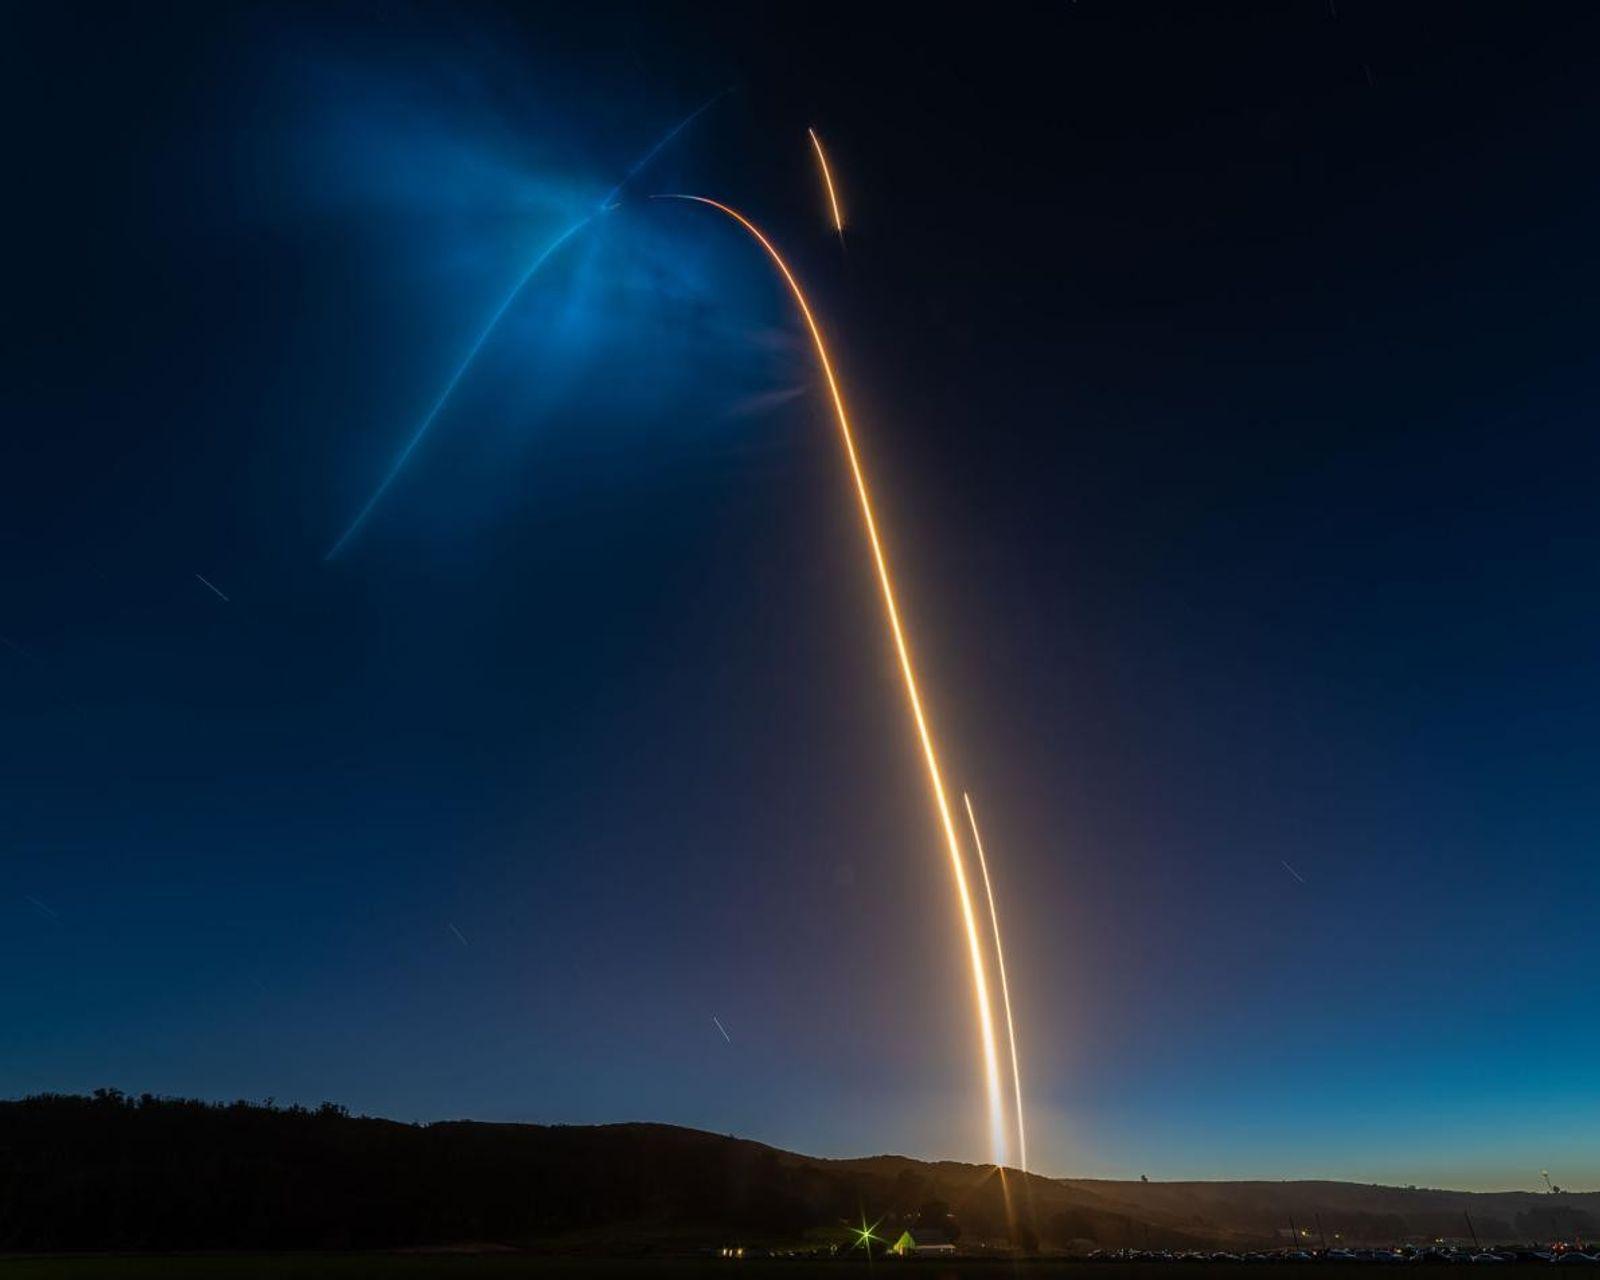 Les plus belles photos de l'espace au mois d'octobre